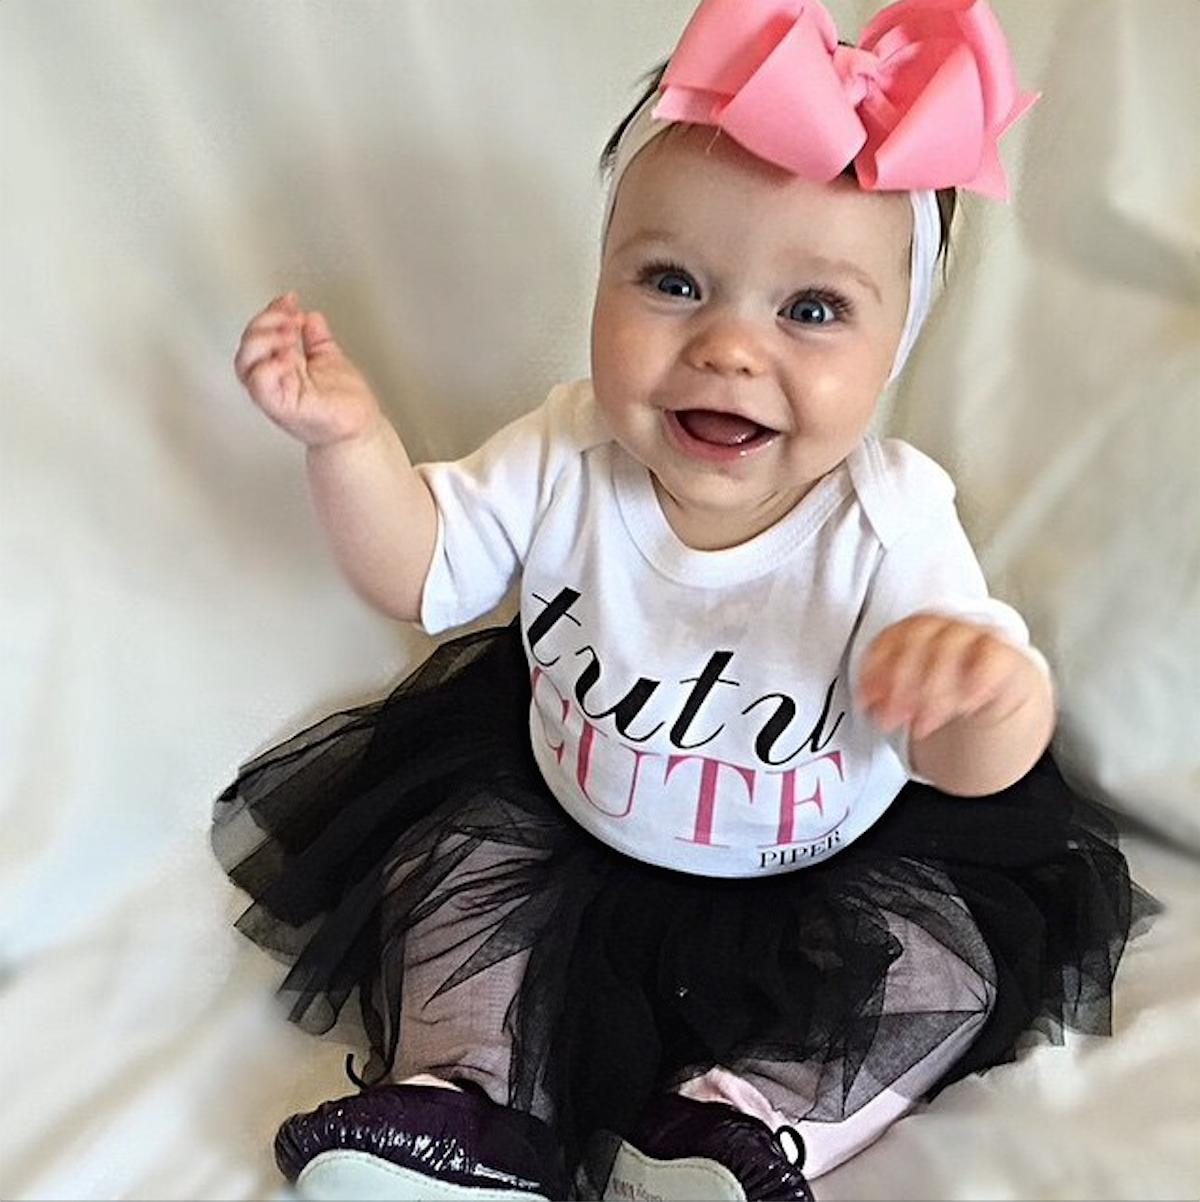 Piper the baby ballerina in her personalised Tutu Cute onesie (via Instagram @pipersienna + @wordonbaby)